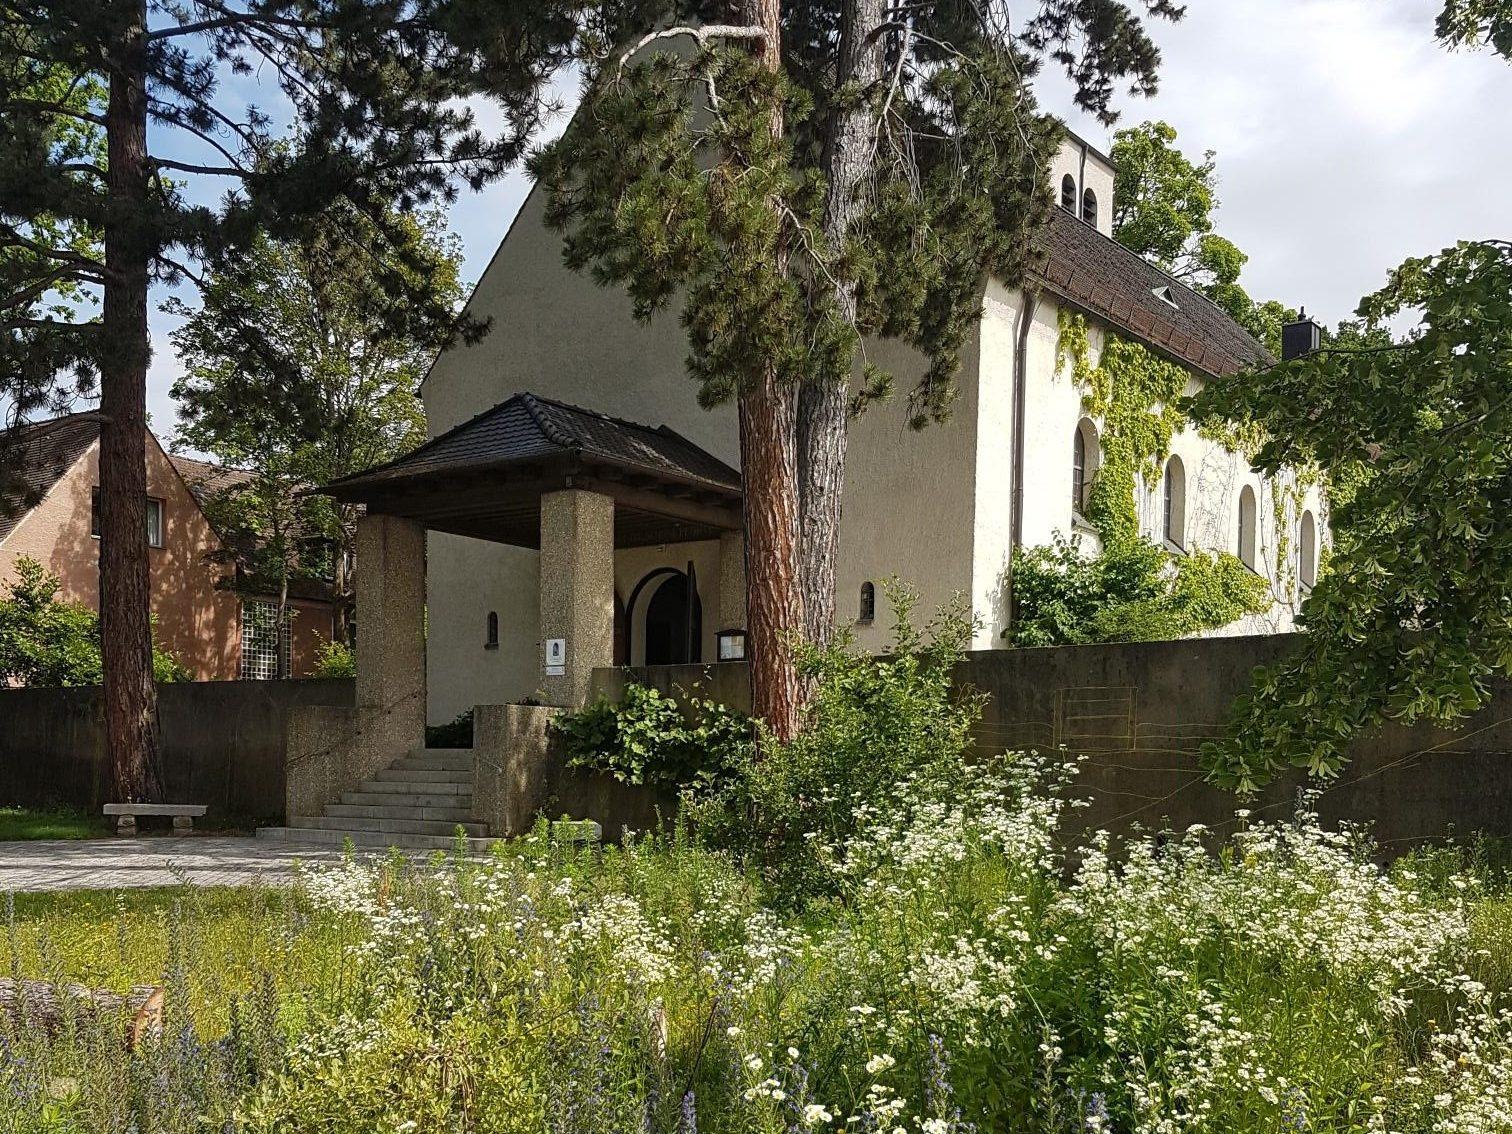 Bild der Stephanuskirche vom Neumühlweg aus im Sommer